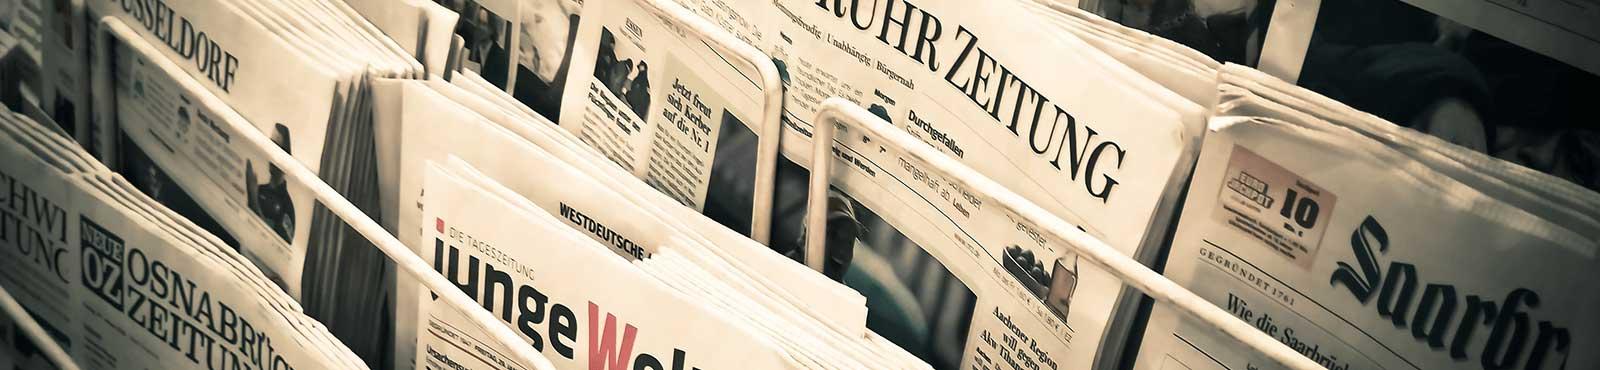 Steuernews 2019: Höherer Freibetrag, mehr Zeit und Mobilität